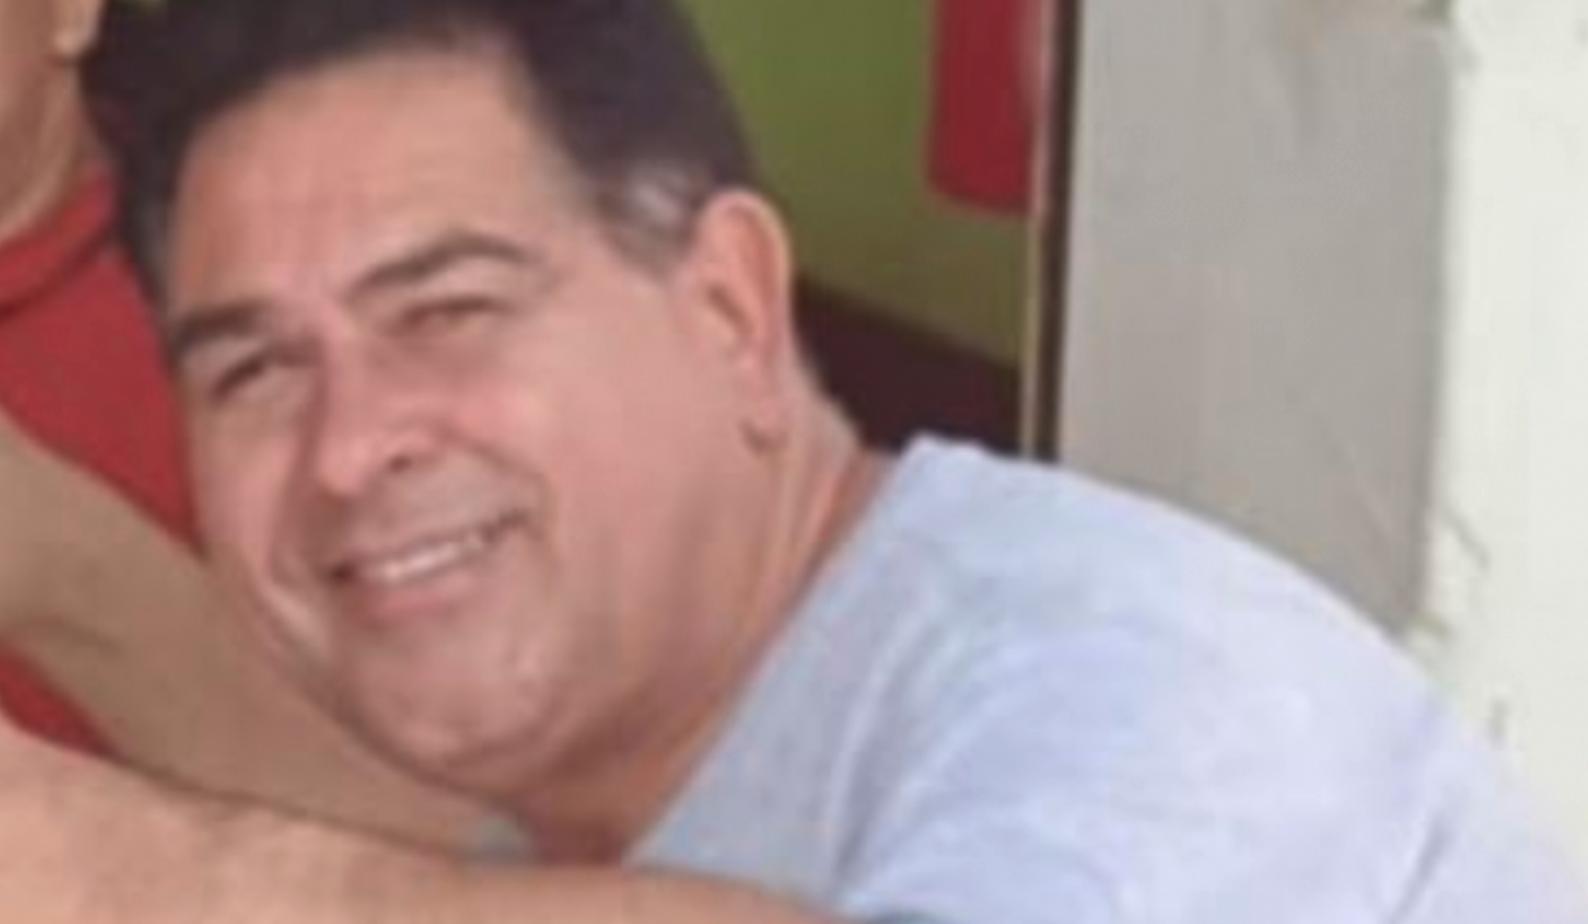 Líder comunitário é assassinado a tiros dentro de casa no MA